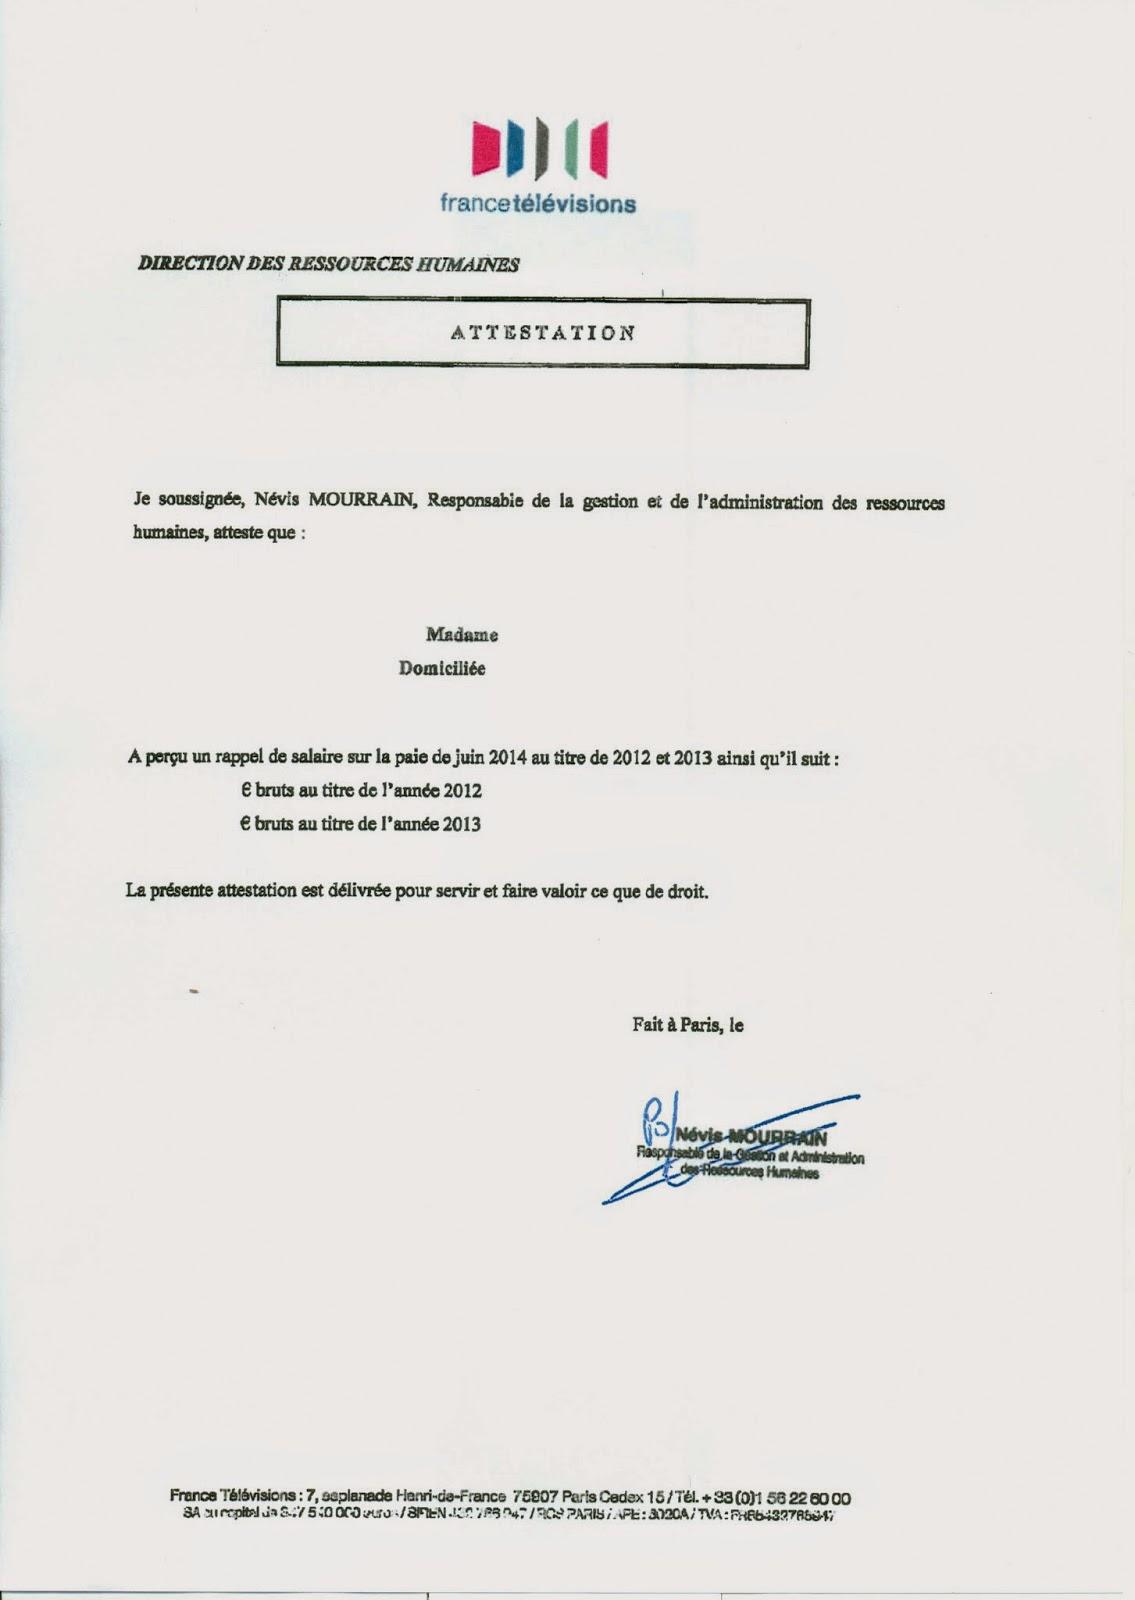 Connu SNPCA-CGC France Télévisions: Impots et harmonisation: la méthode US02